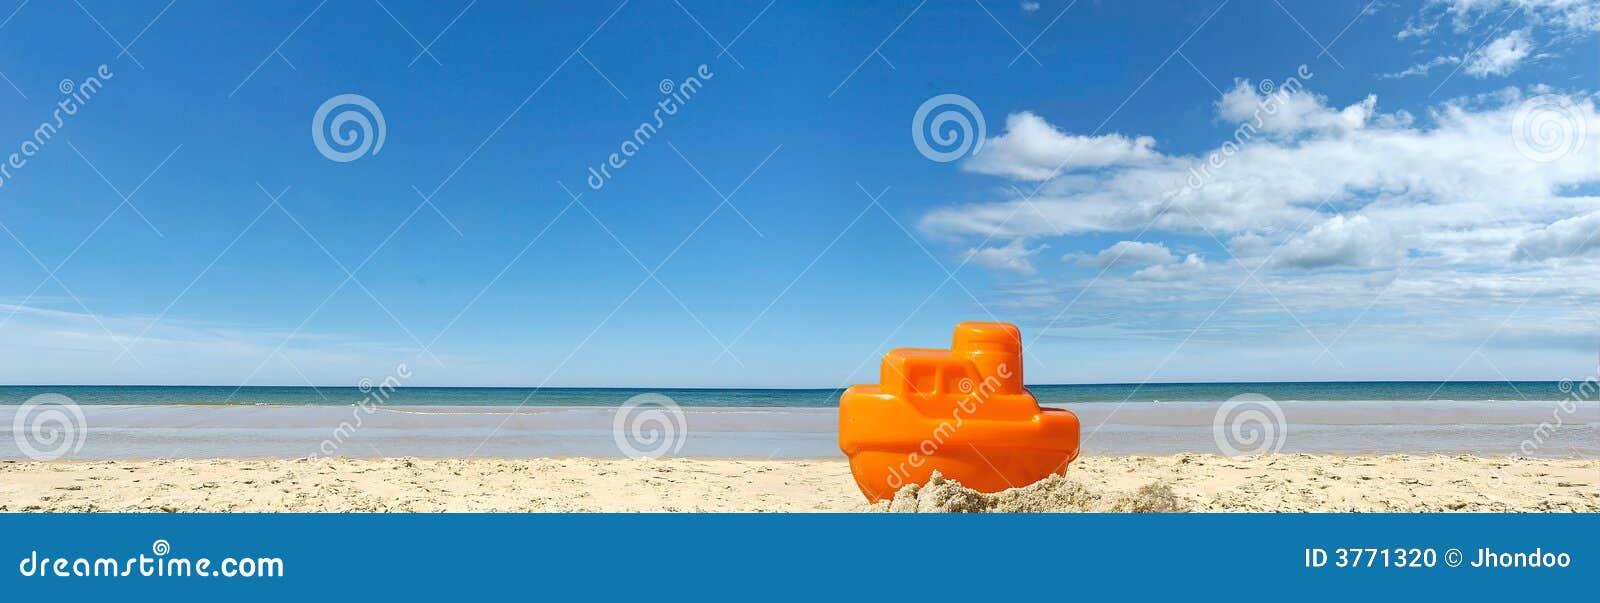 Barco ideal a praia